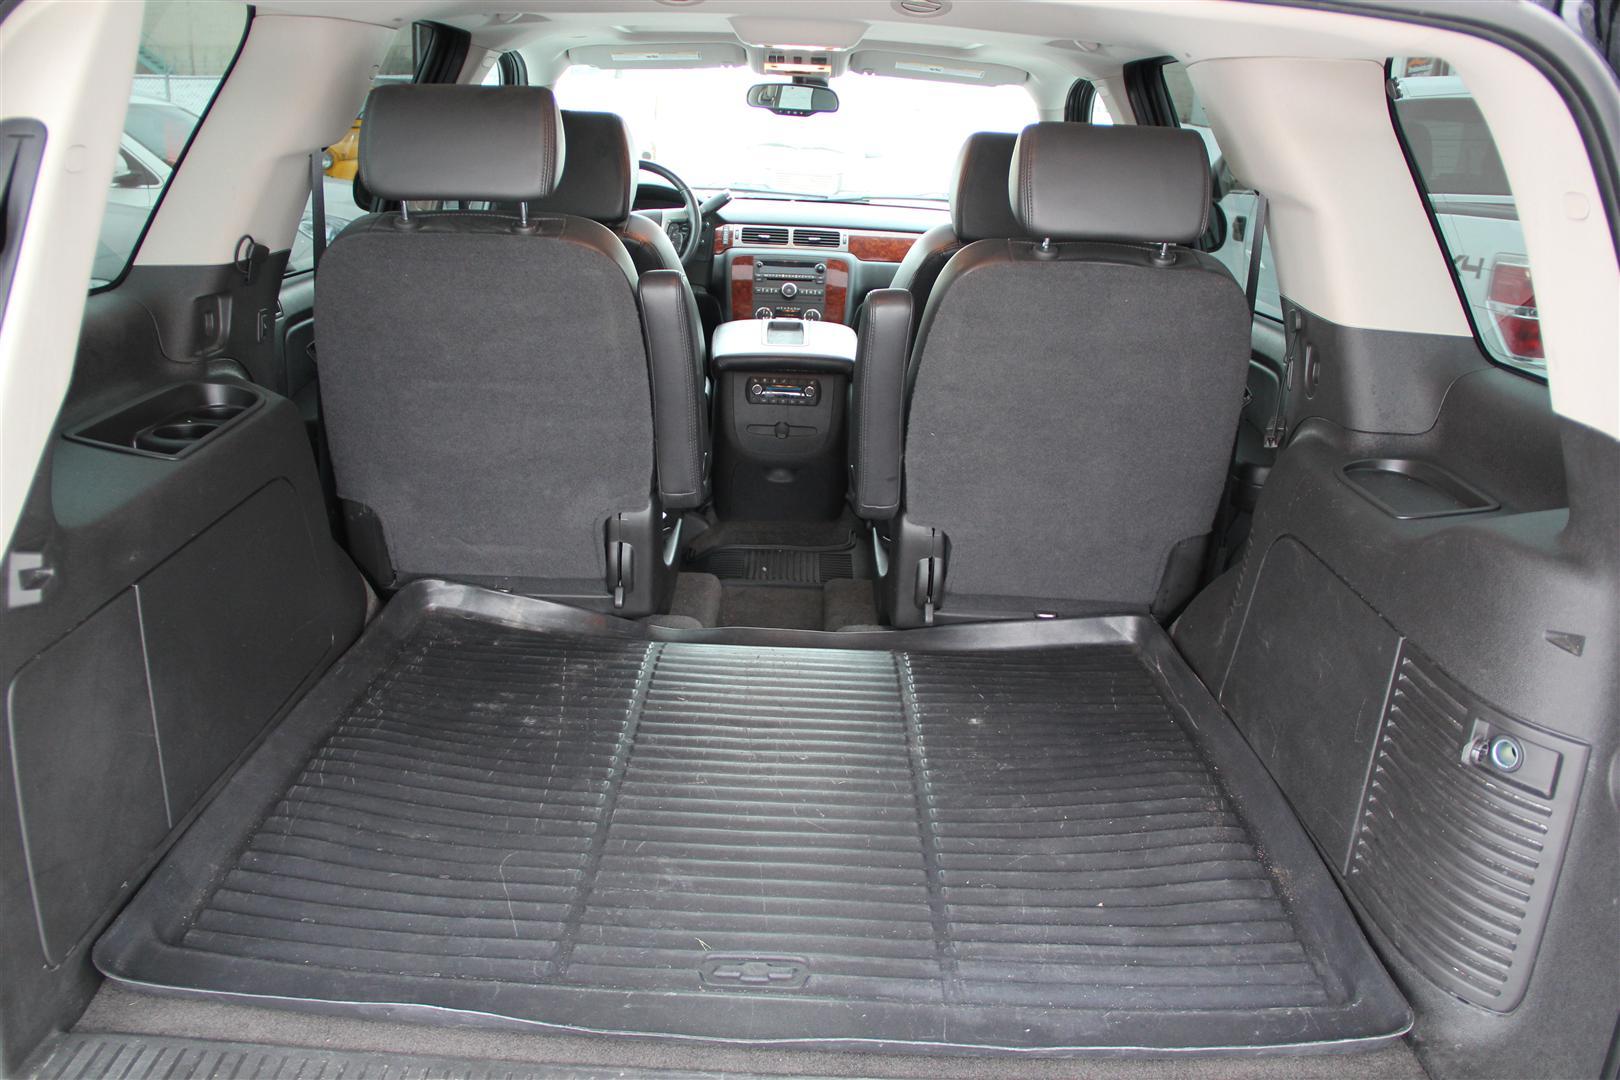 2009 Chevrolet Tahoe Ltz 6 2l Blind Zone Alert Envision Auto